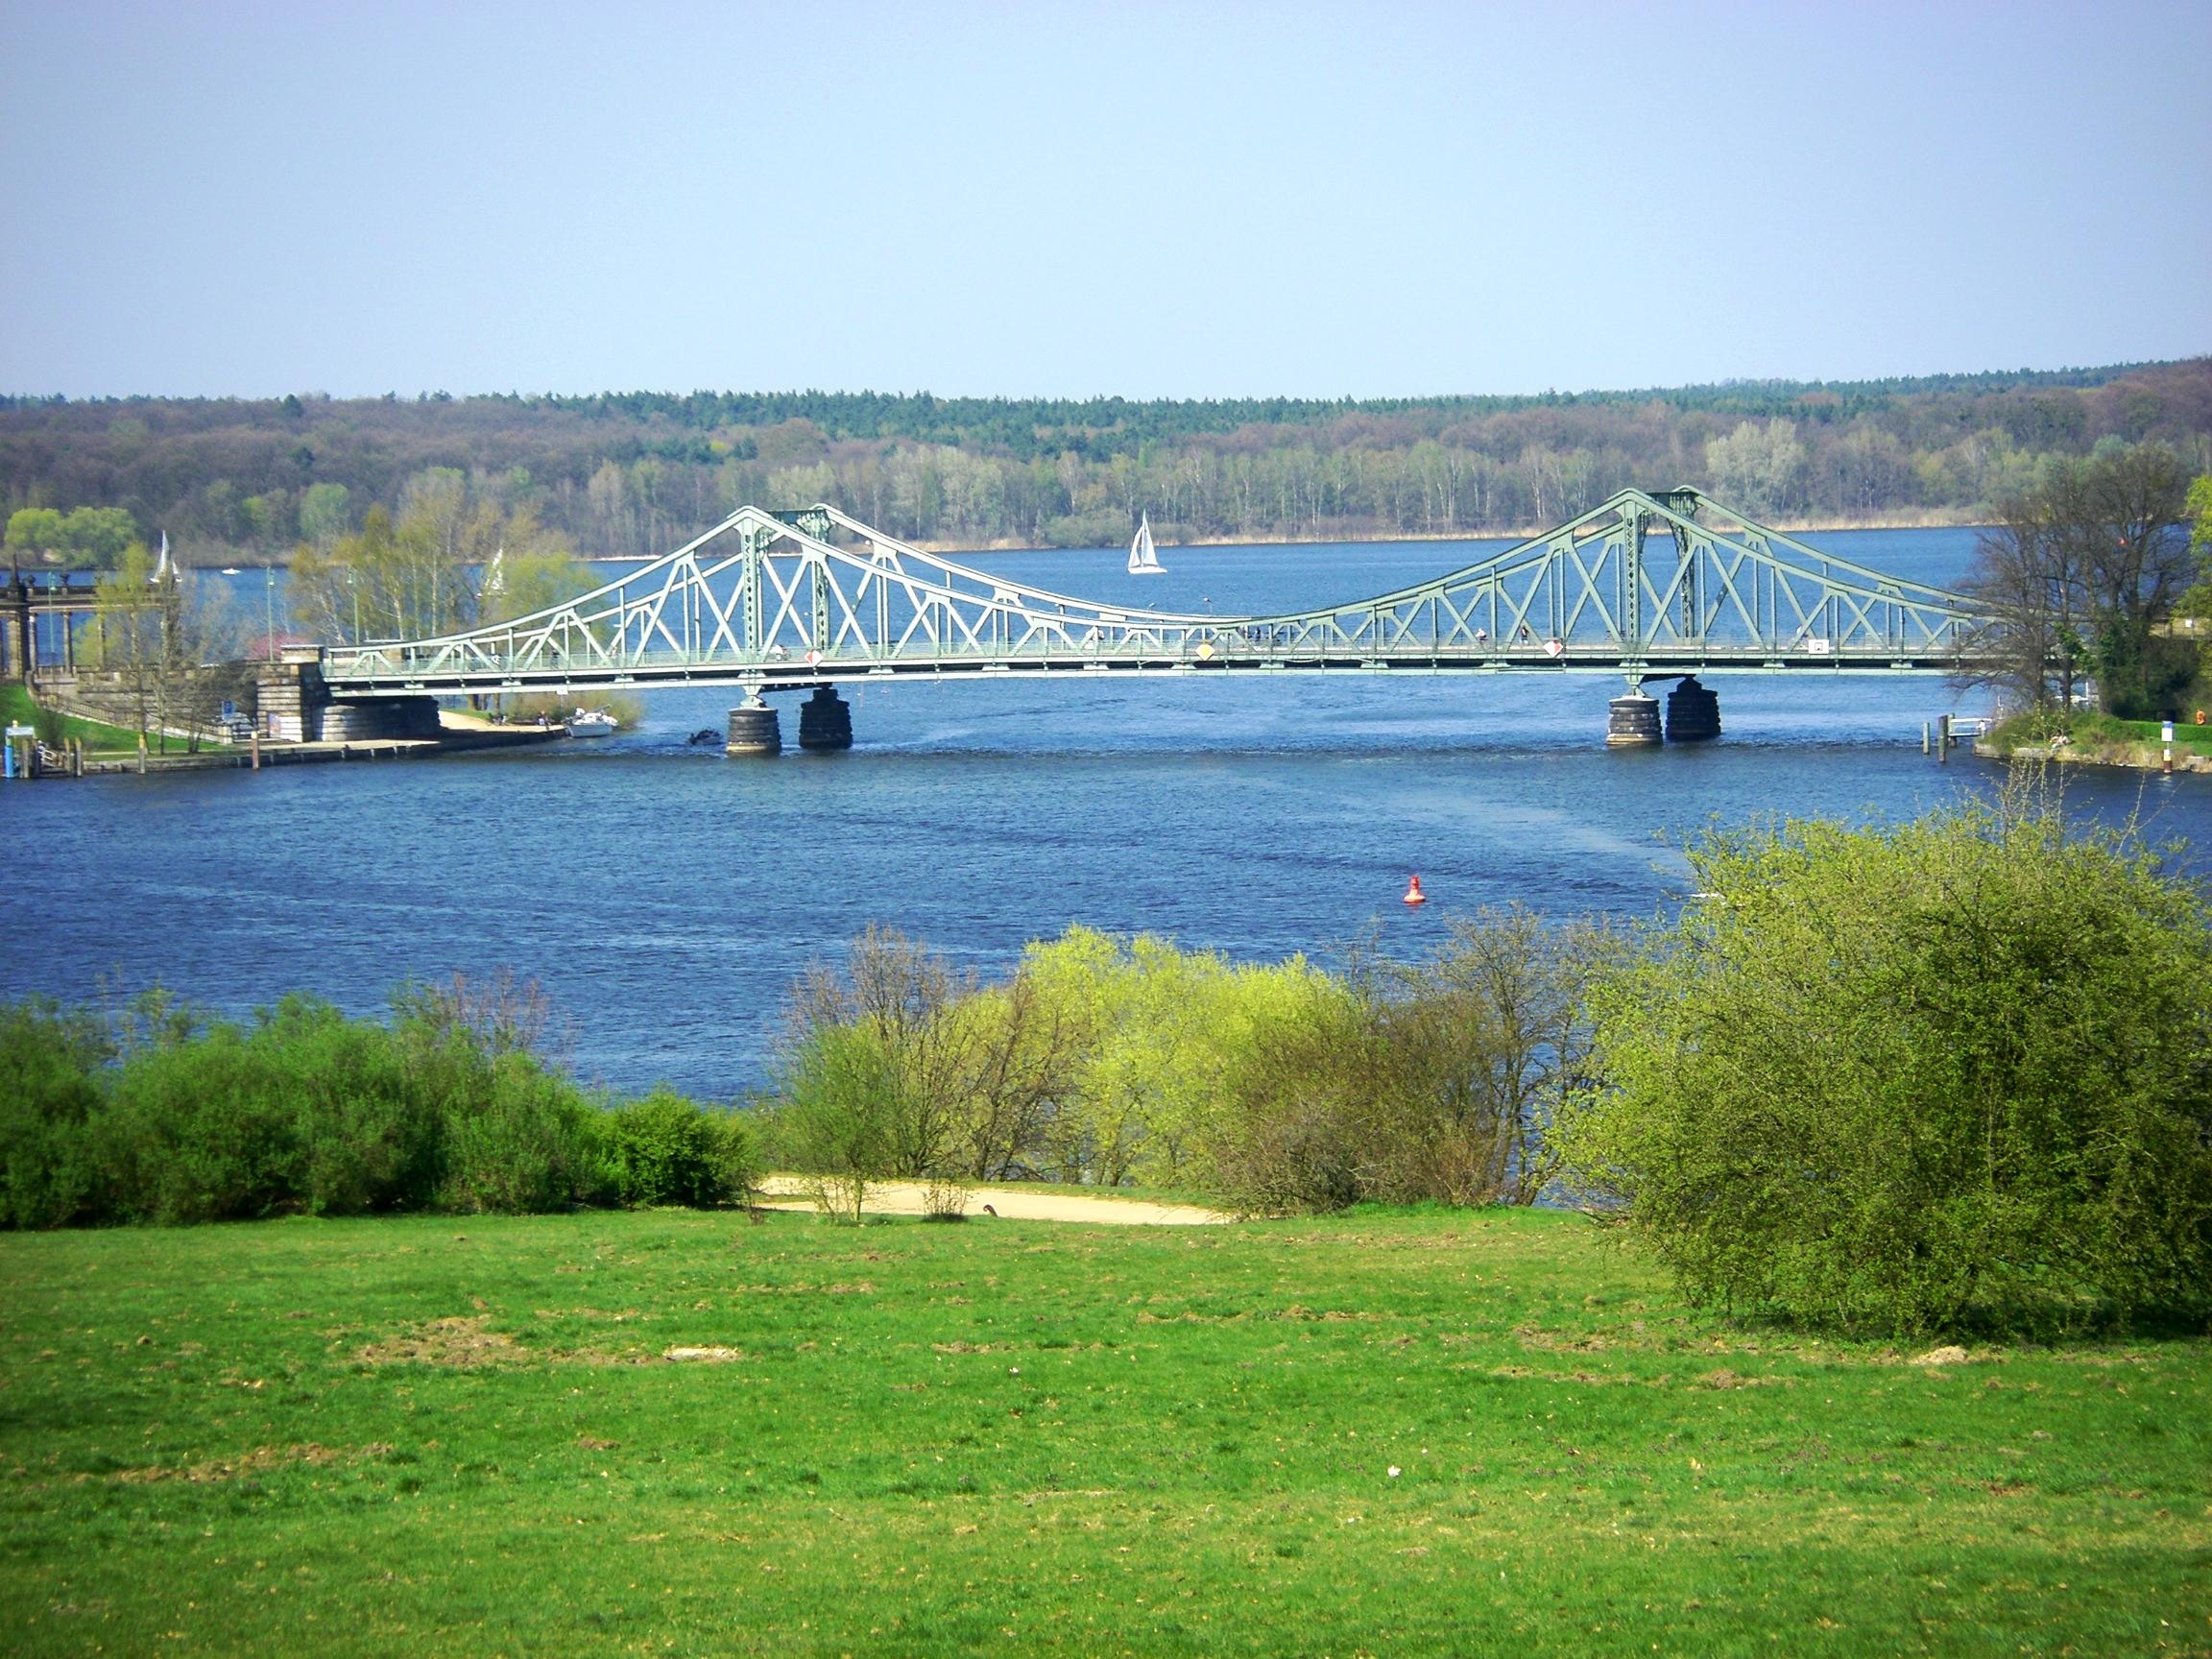 Glienicker Brücke, die Wannsee mit der brandenburgischen Landeshauptstadt Potsdam verbindet.